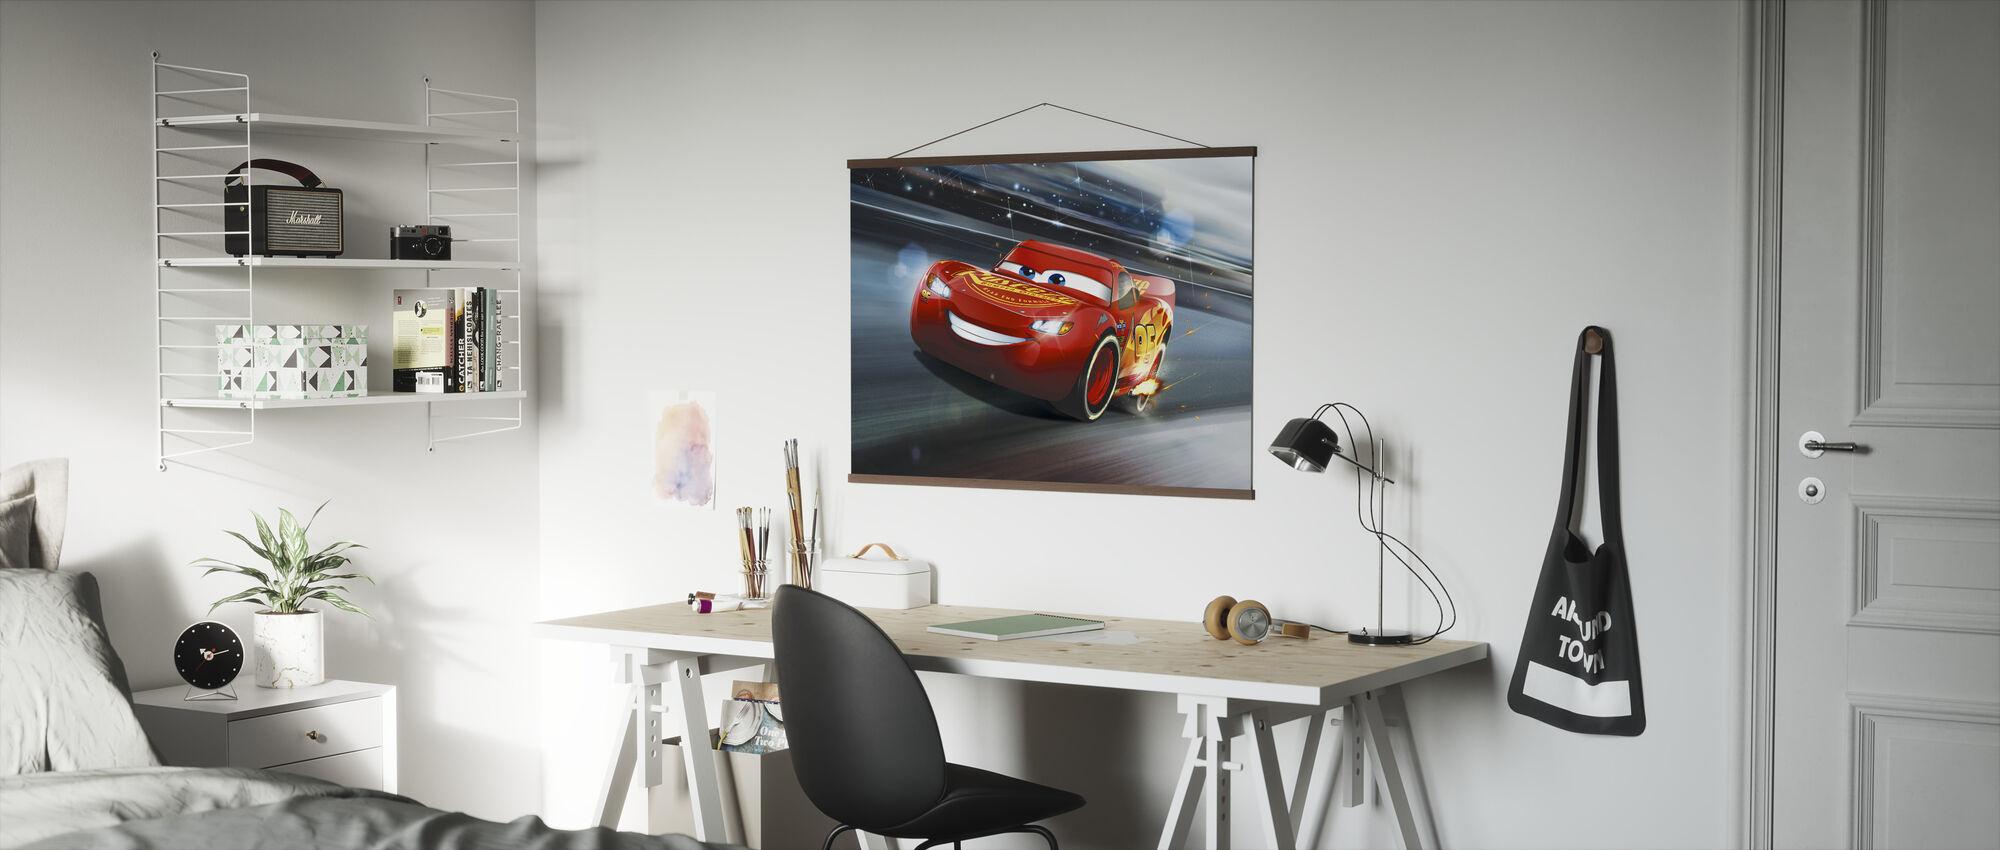 Biler 3 - Lyn McQueen - Legenden om spåret - Plakat - Kontor